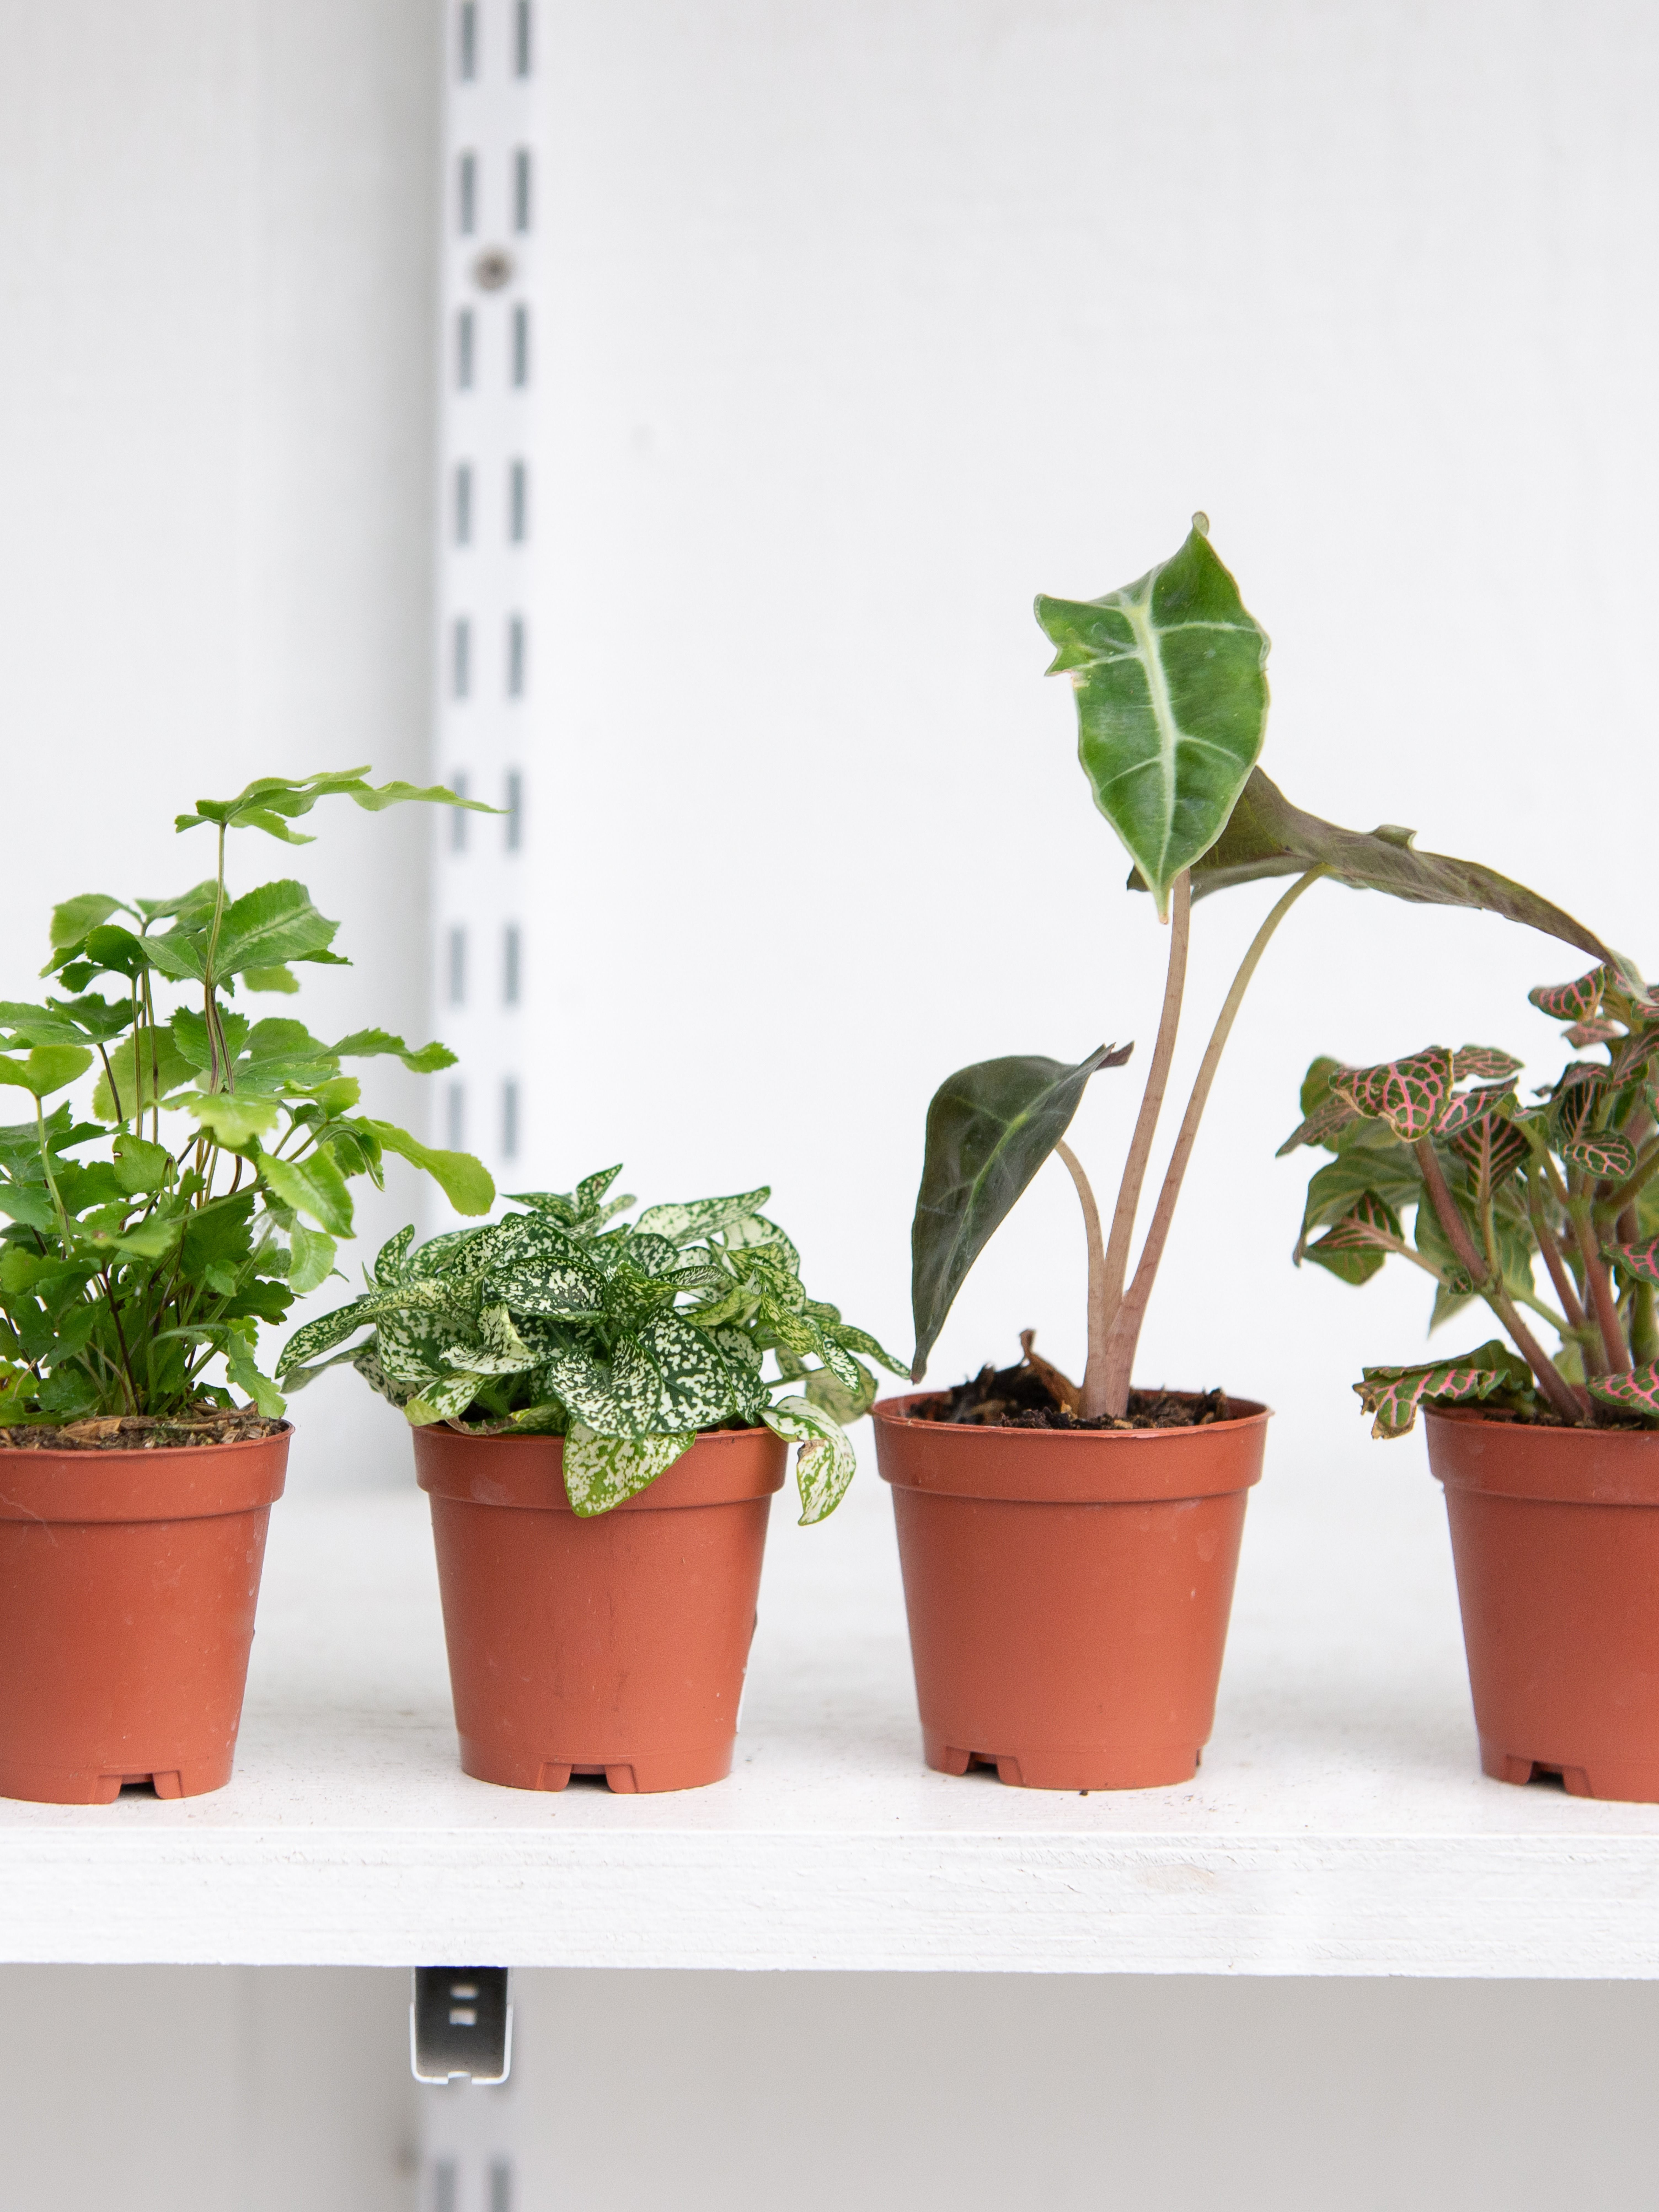 Tiny Houseplants Are Undeniably Cute